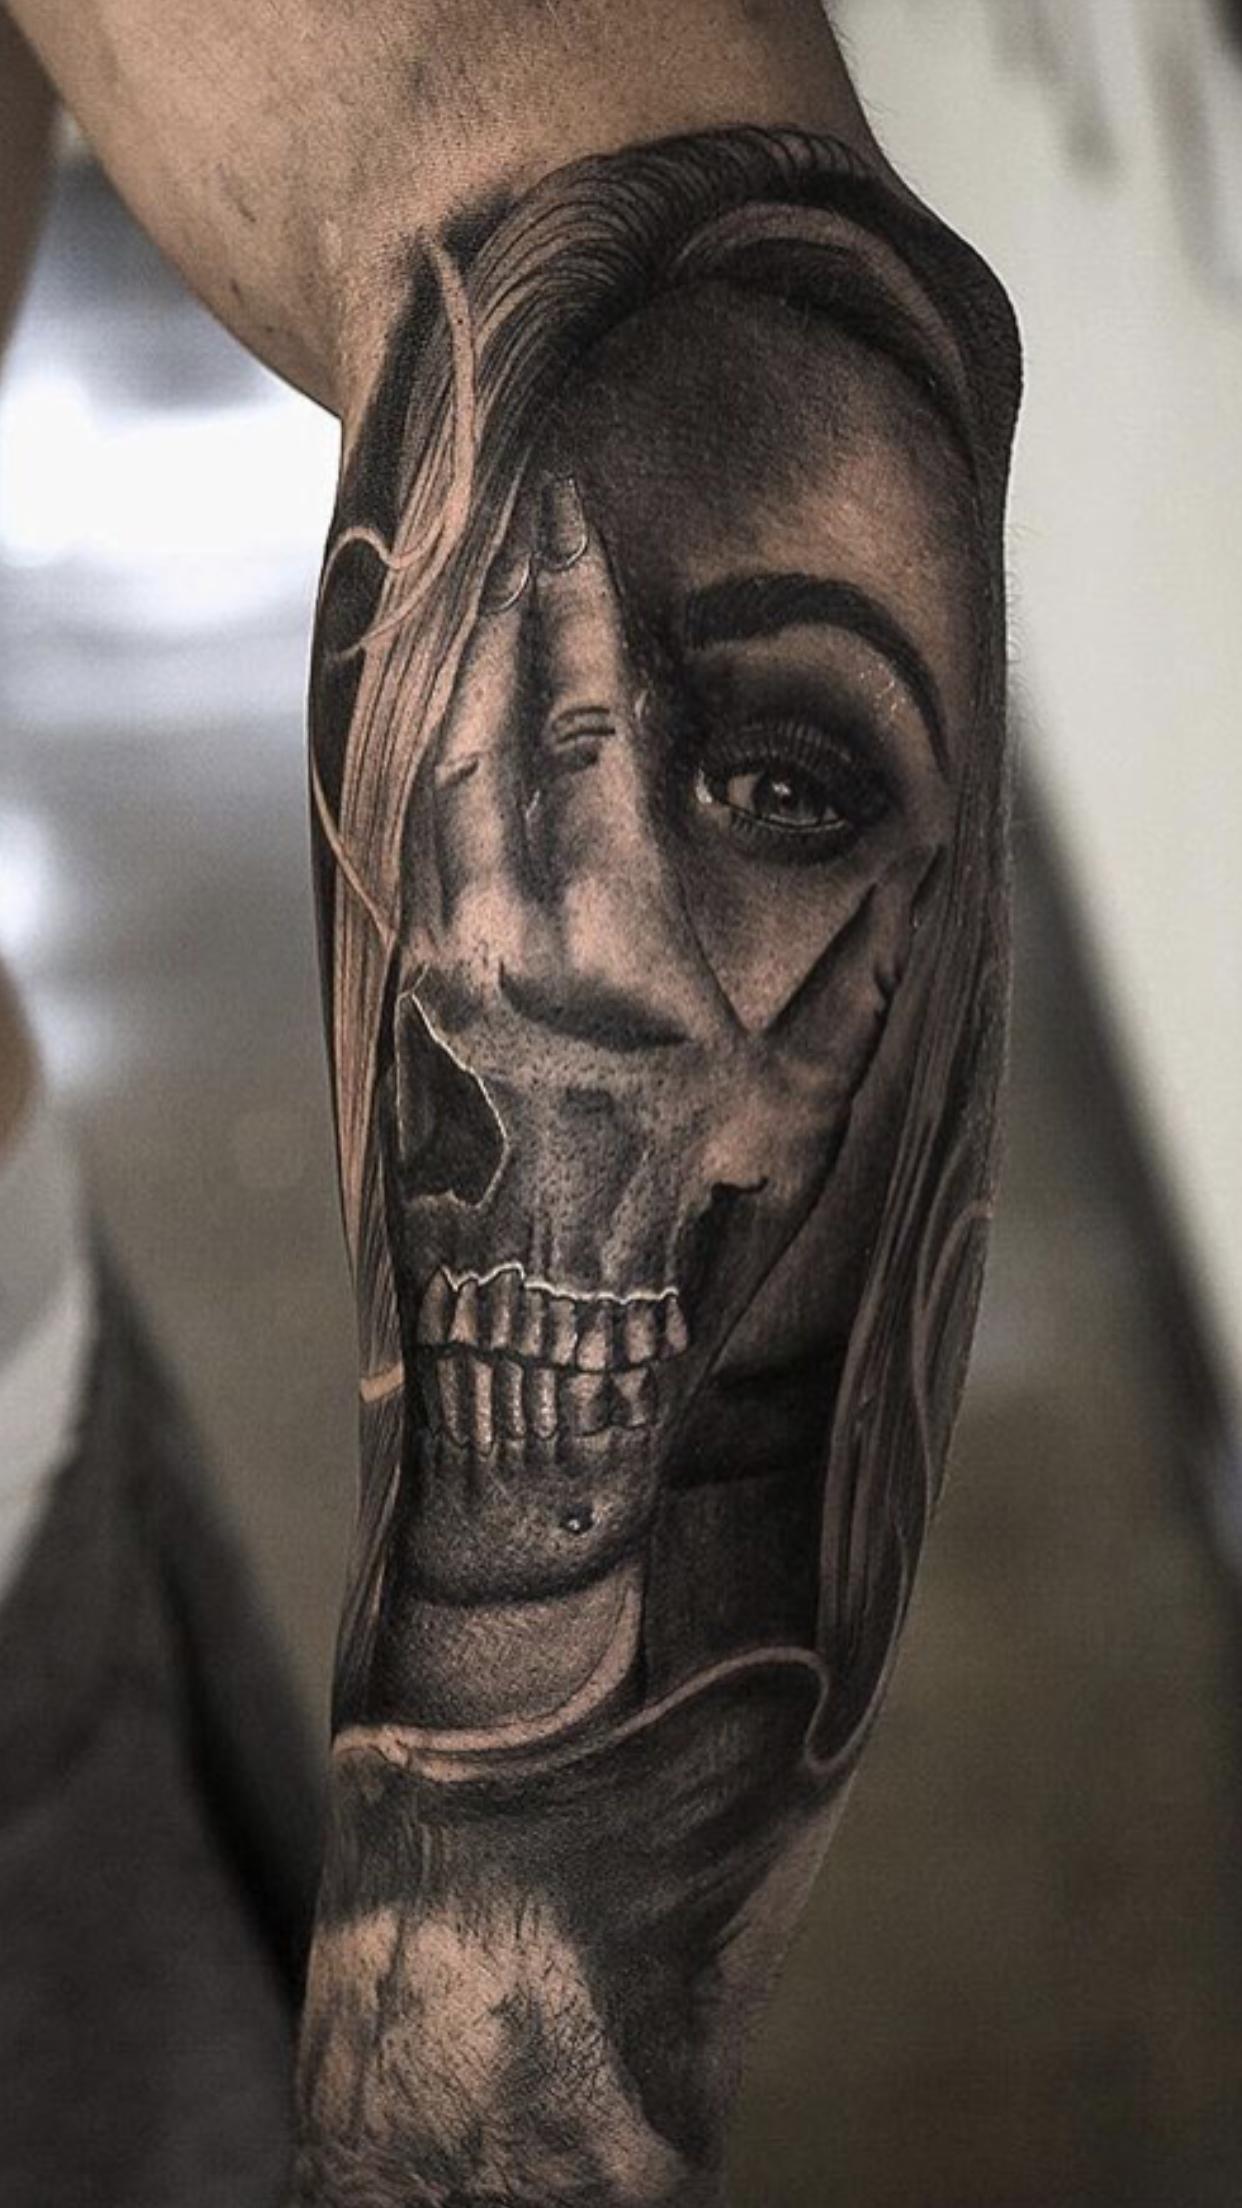 E33w3 3 Forearm Sleeve Tattoos Skull Sleeve Tattoos Sleeve Tattoos